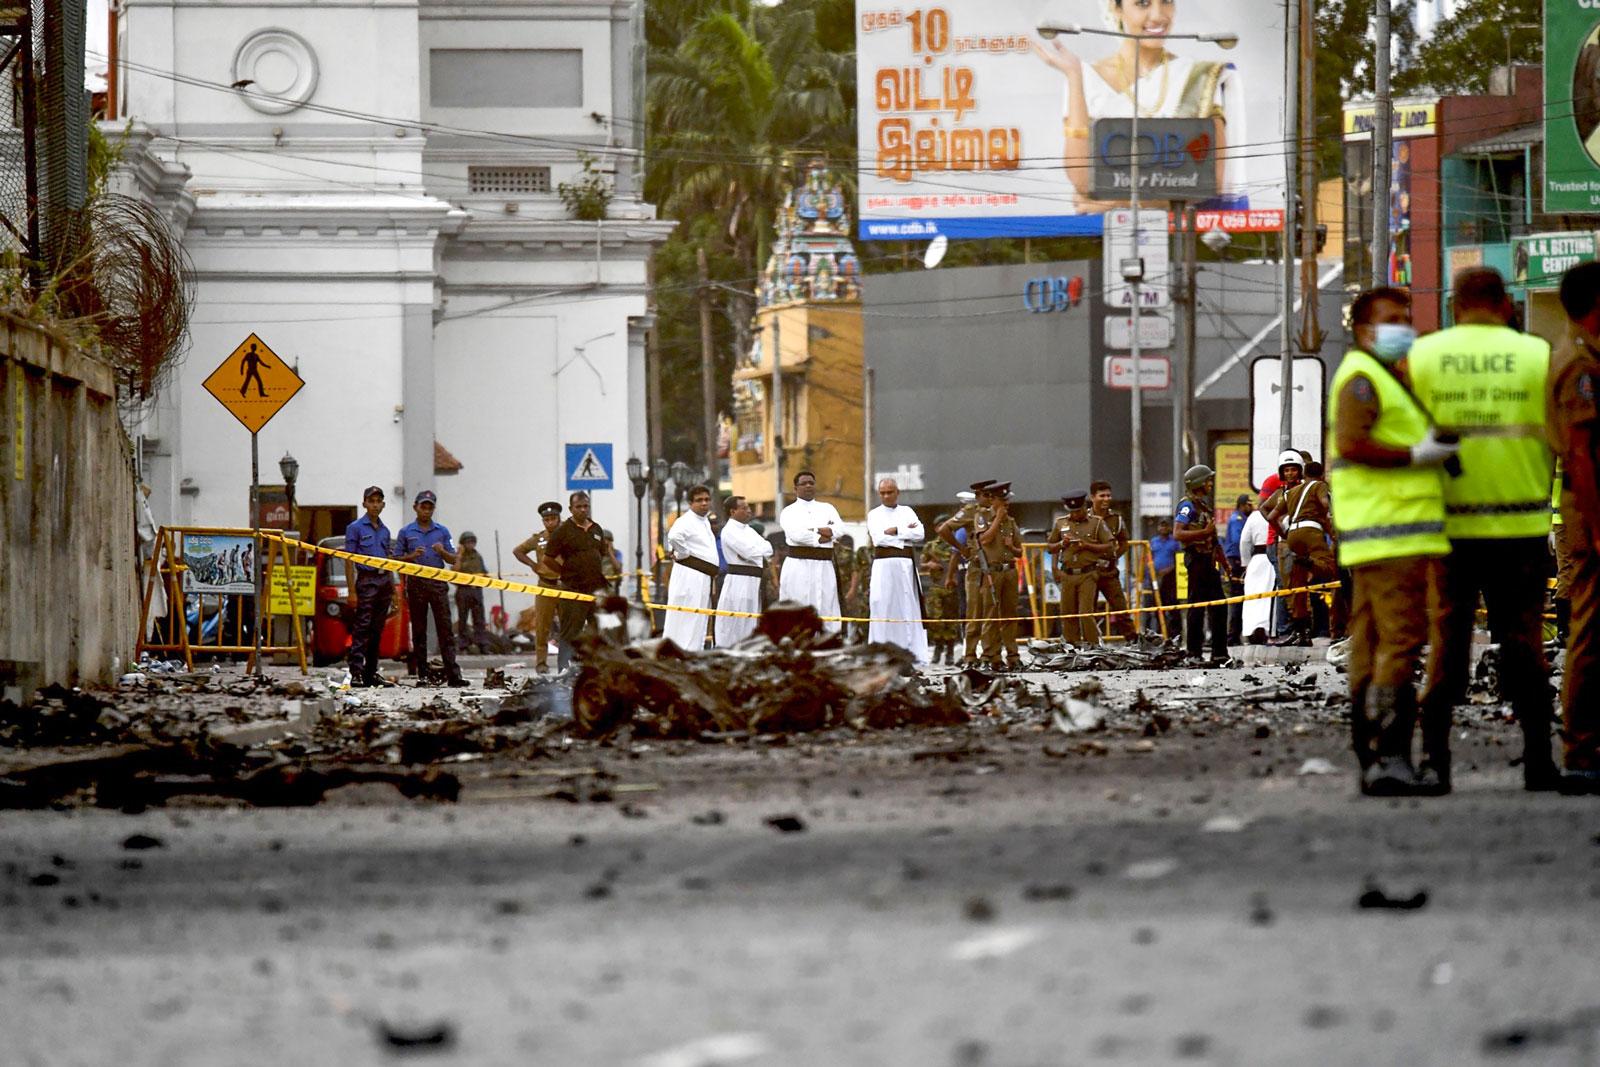 صورة حصري: المخابرات المغربية قدمت معلومات استخباراتية مهمة لسريلانكا لمساعدتها على التعرف على منفذي التفجيرات